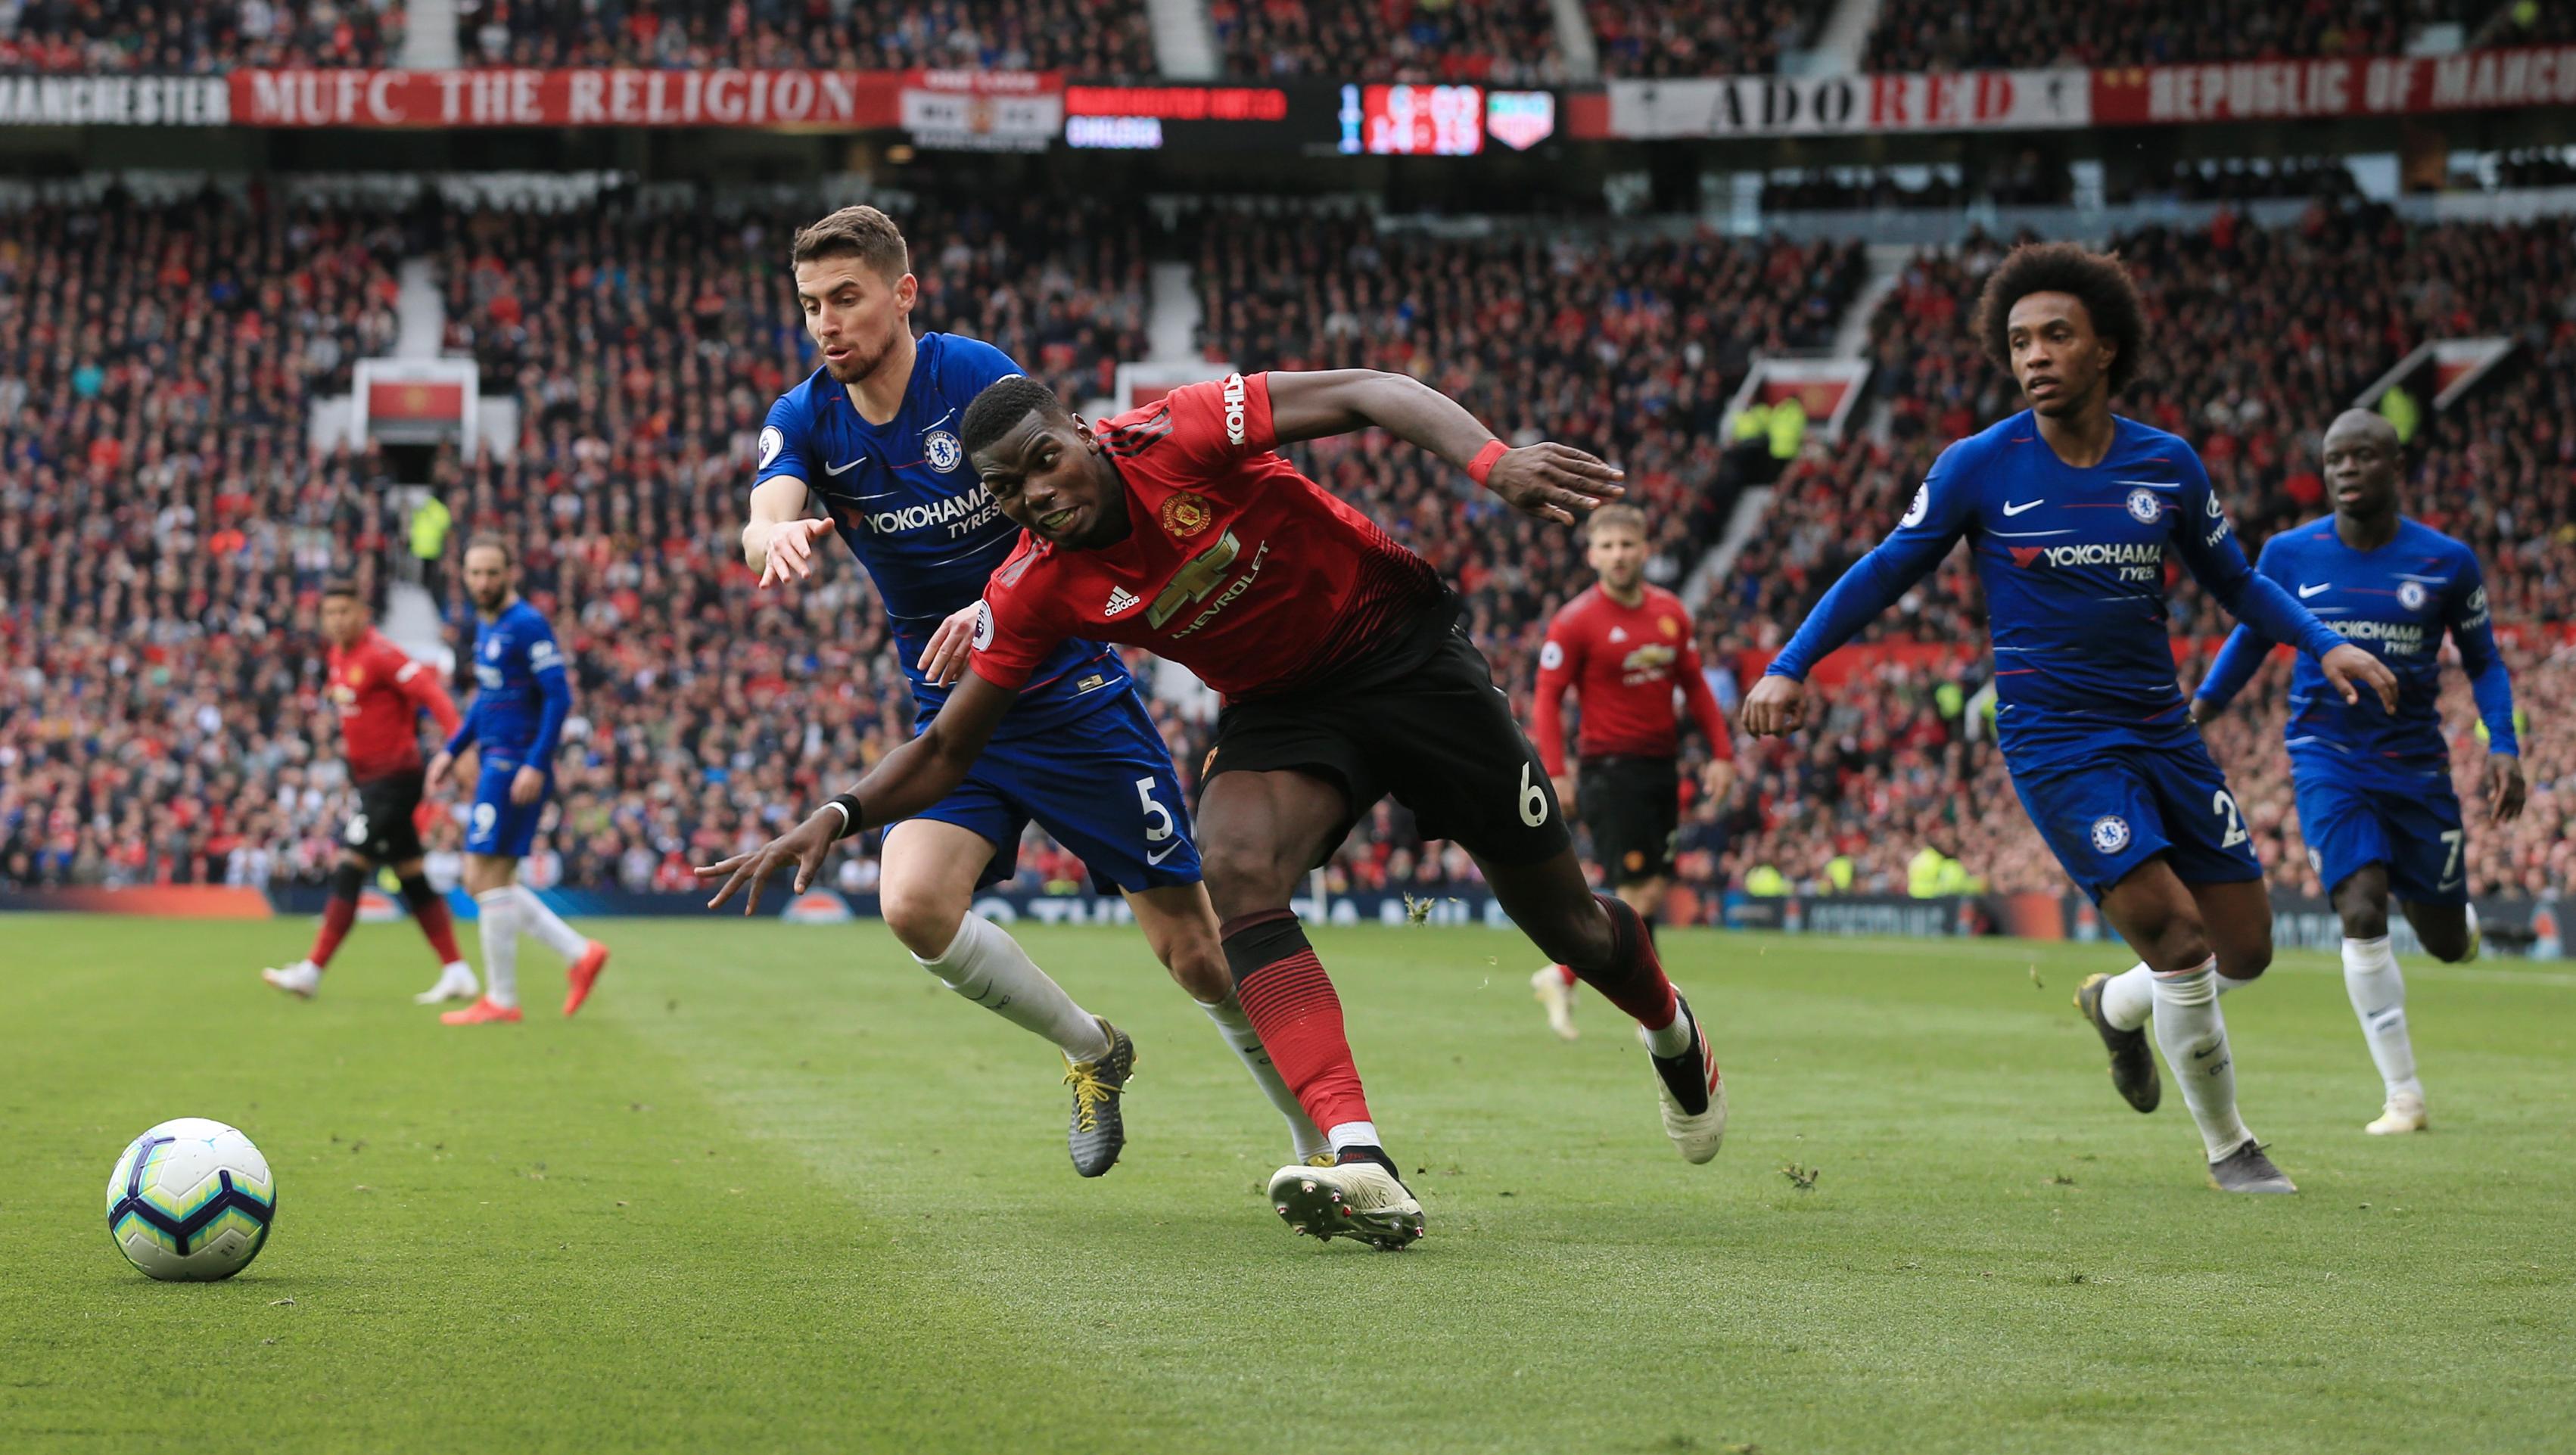 Манчестер юнайтед челси смотреть весь матч